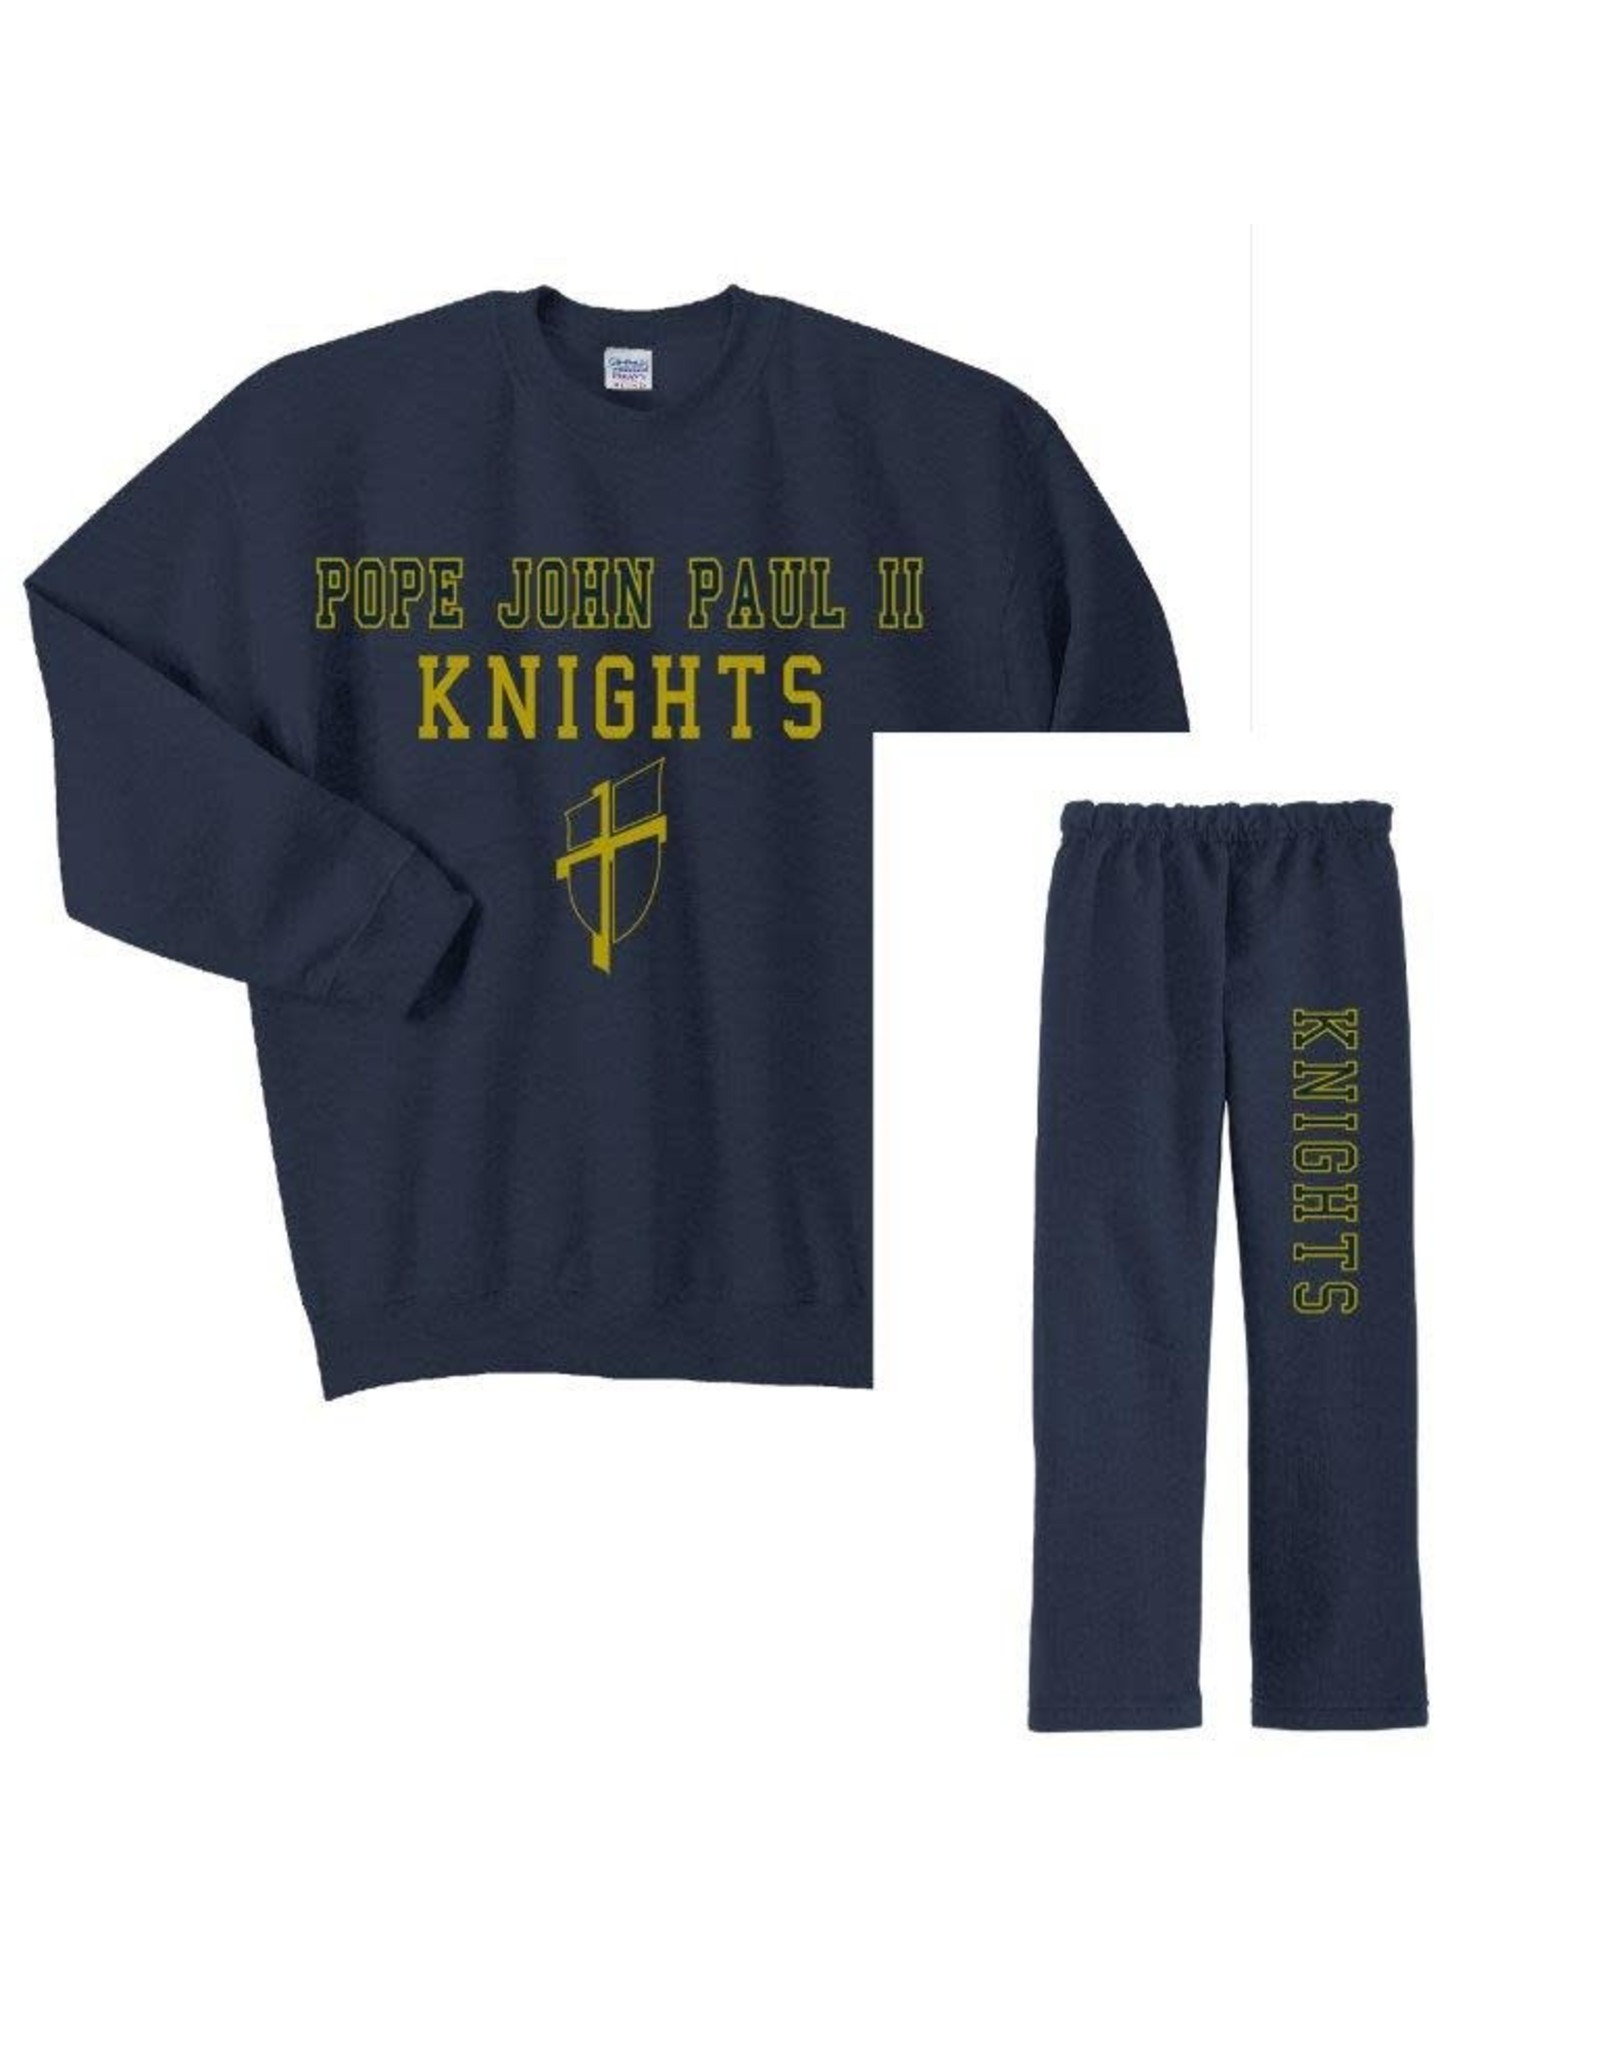 Champion Knights Sweats Set (Shirt/Pant)